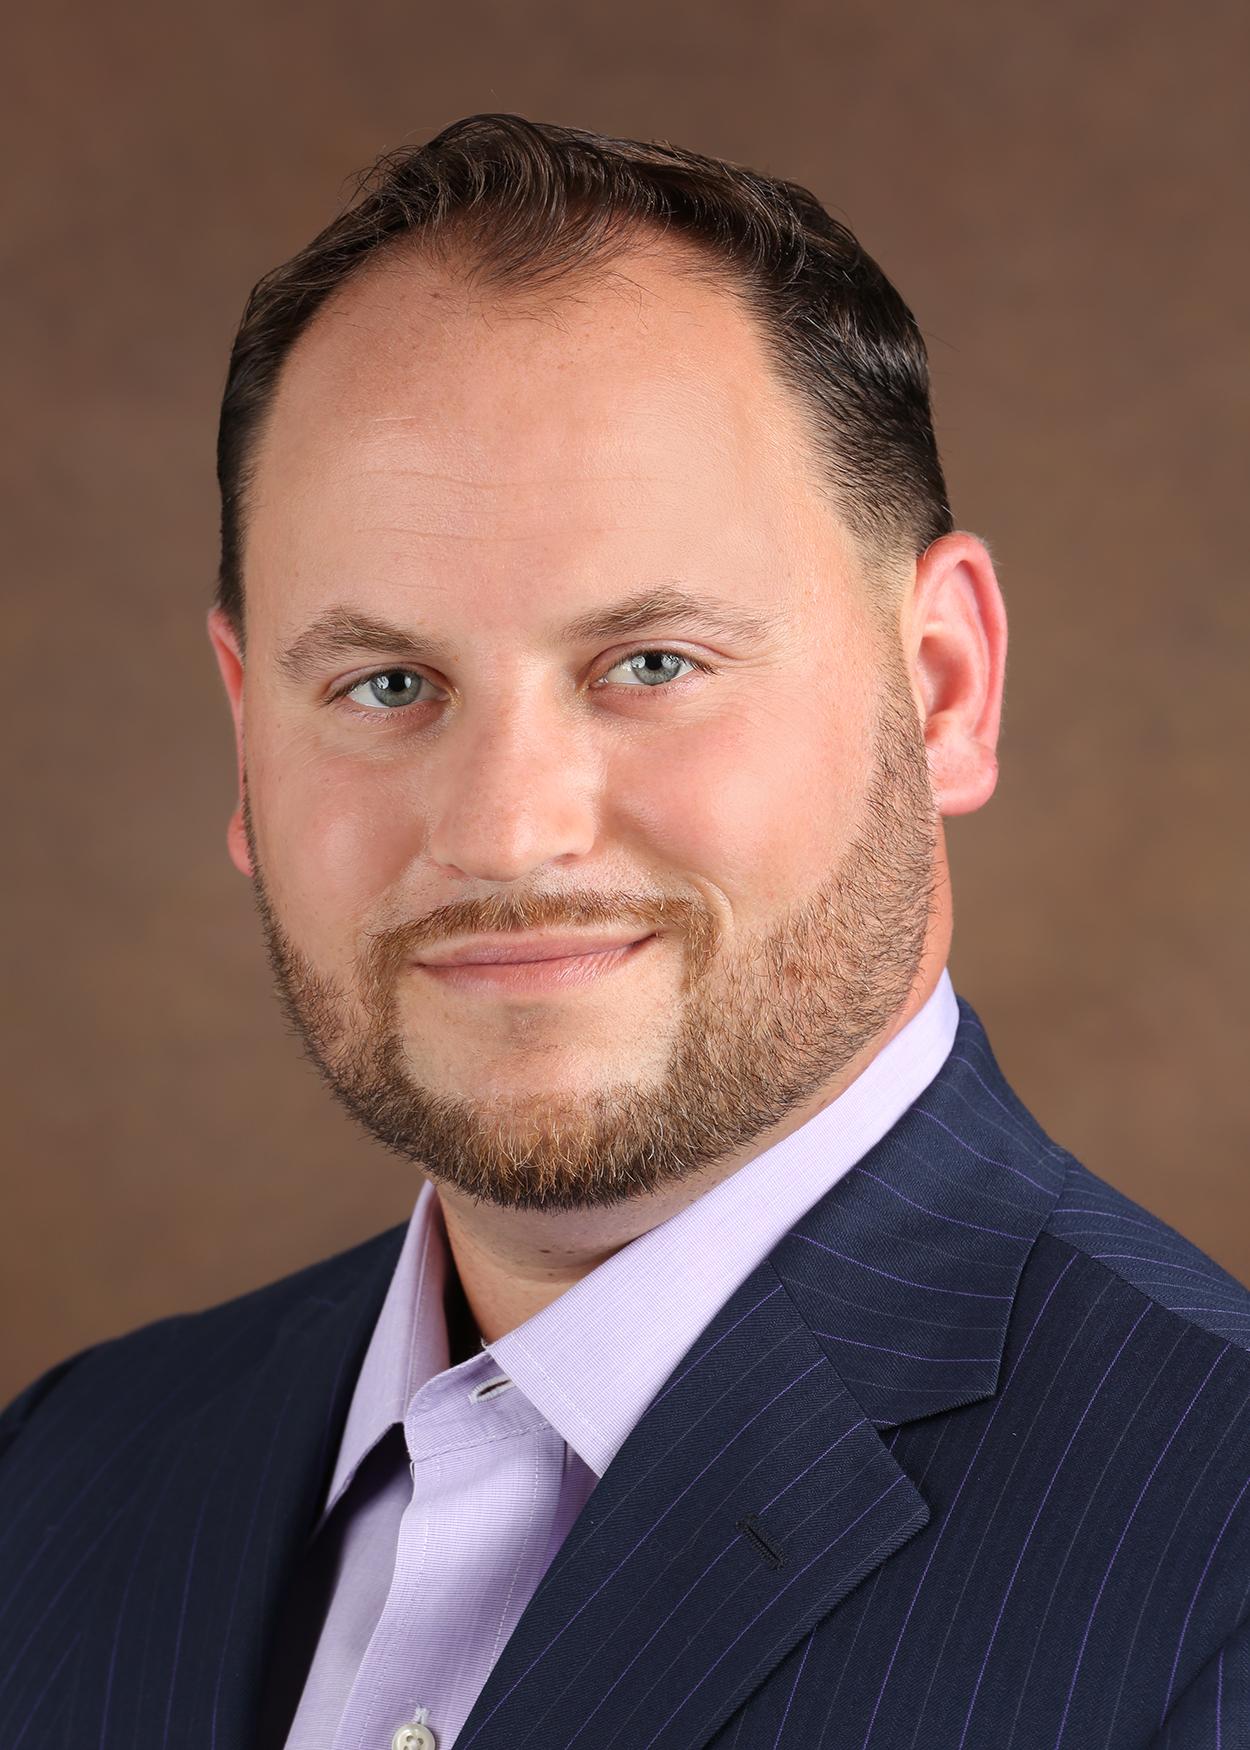 Realtor John Totin of The Totin Group, Keller Williams Legacy, San Antonio TX (210) 872-8888